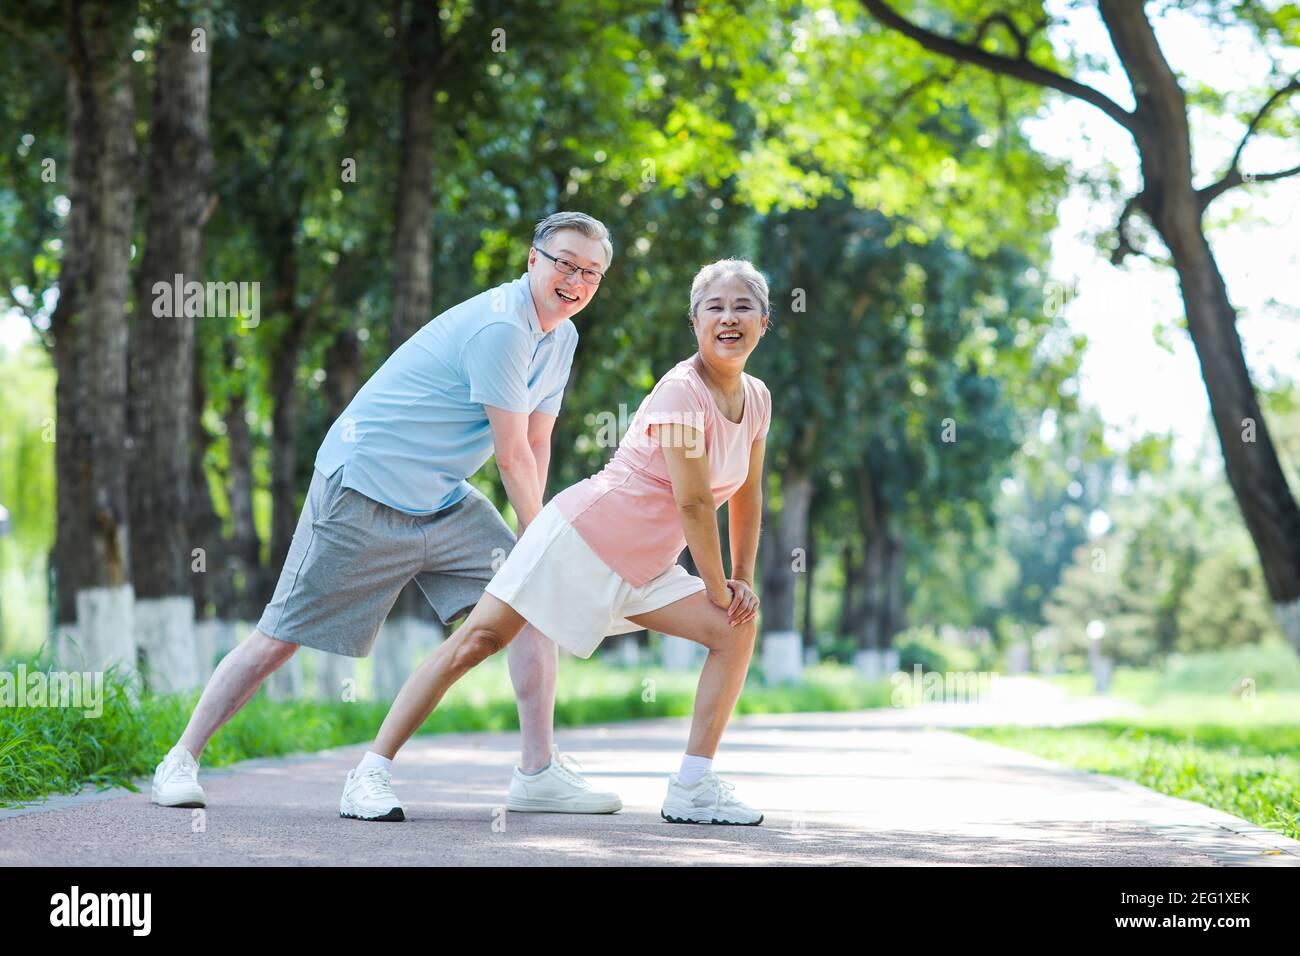 Vieux couple sportif dans le parc souriant Banque D'Images